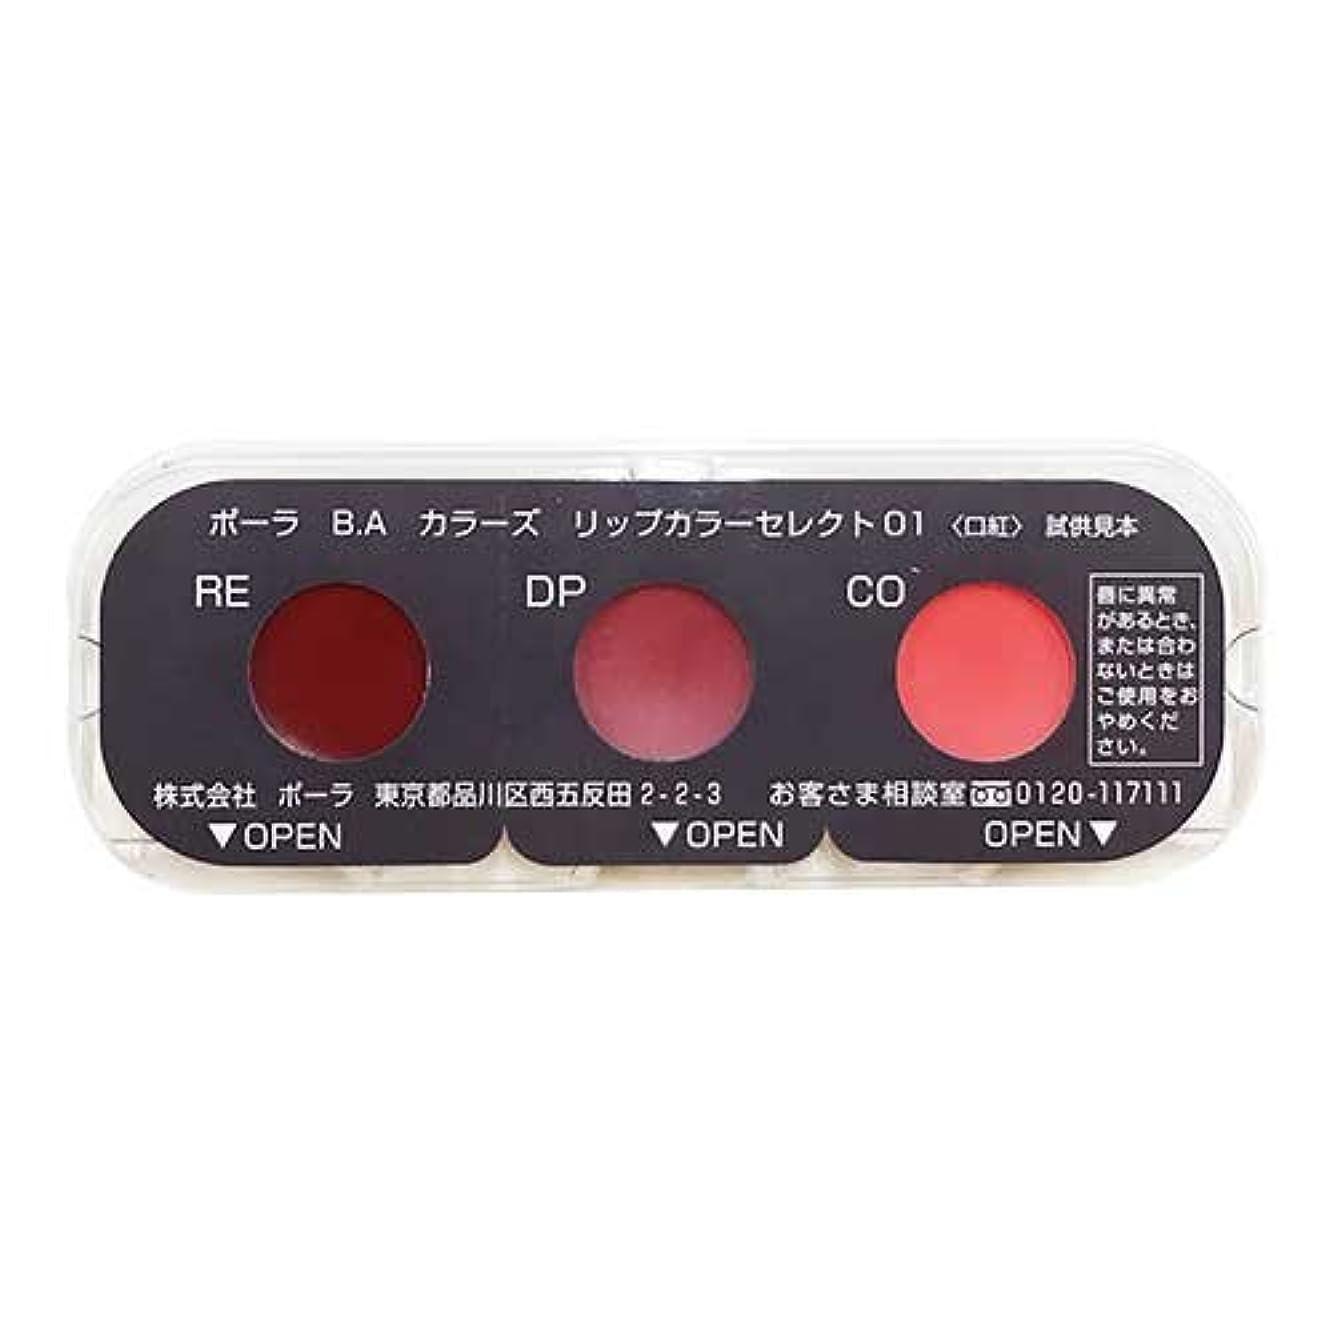 啓発する実験ふりをするポーラ・B.A カラーズ リップスティック サンプル 3色 (口紅) [並行輸入品]